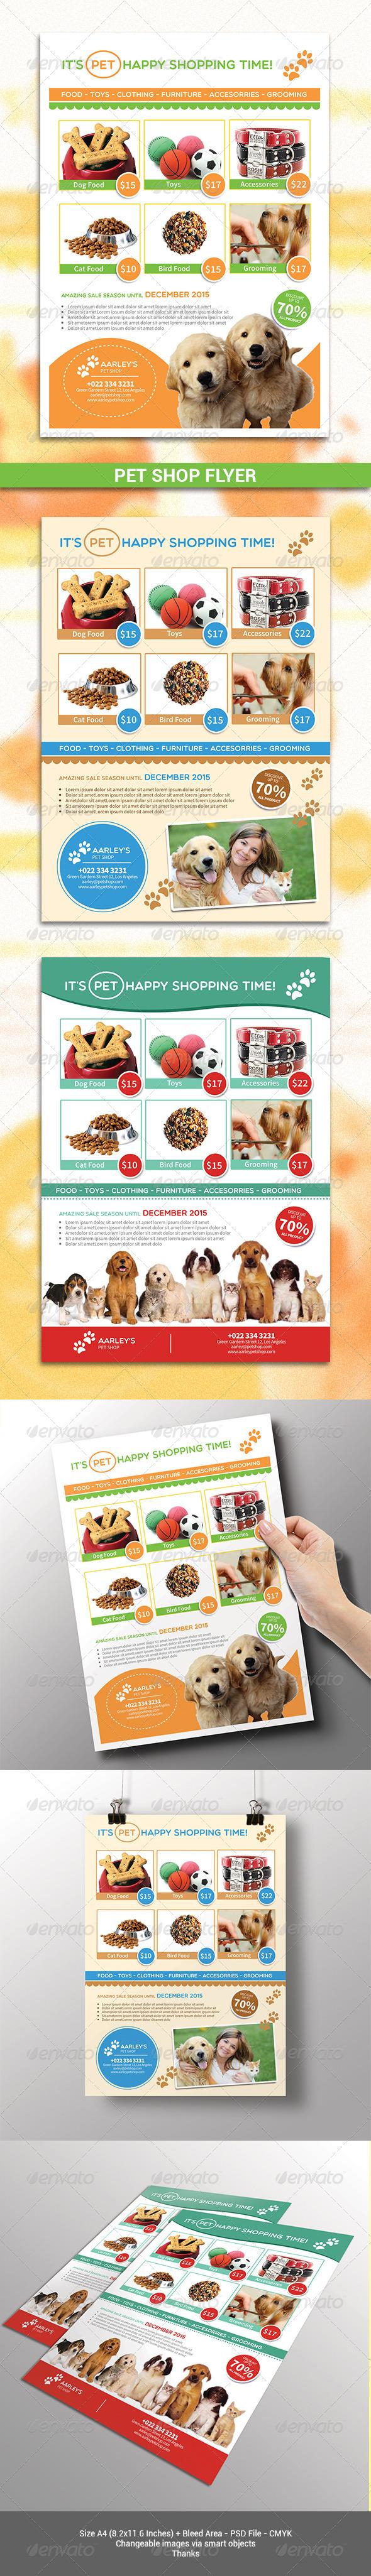 GraphicRiver Pet Shop Flyer 7761788